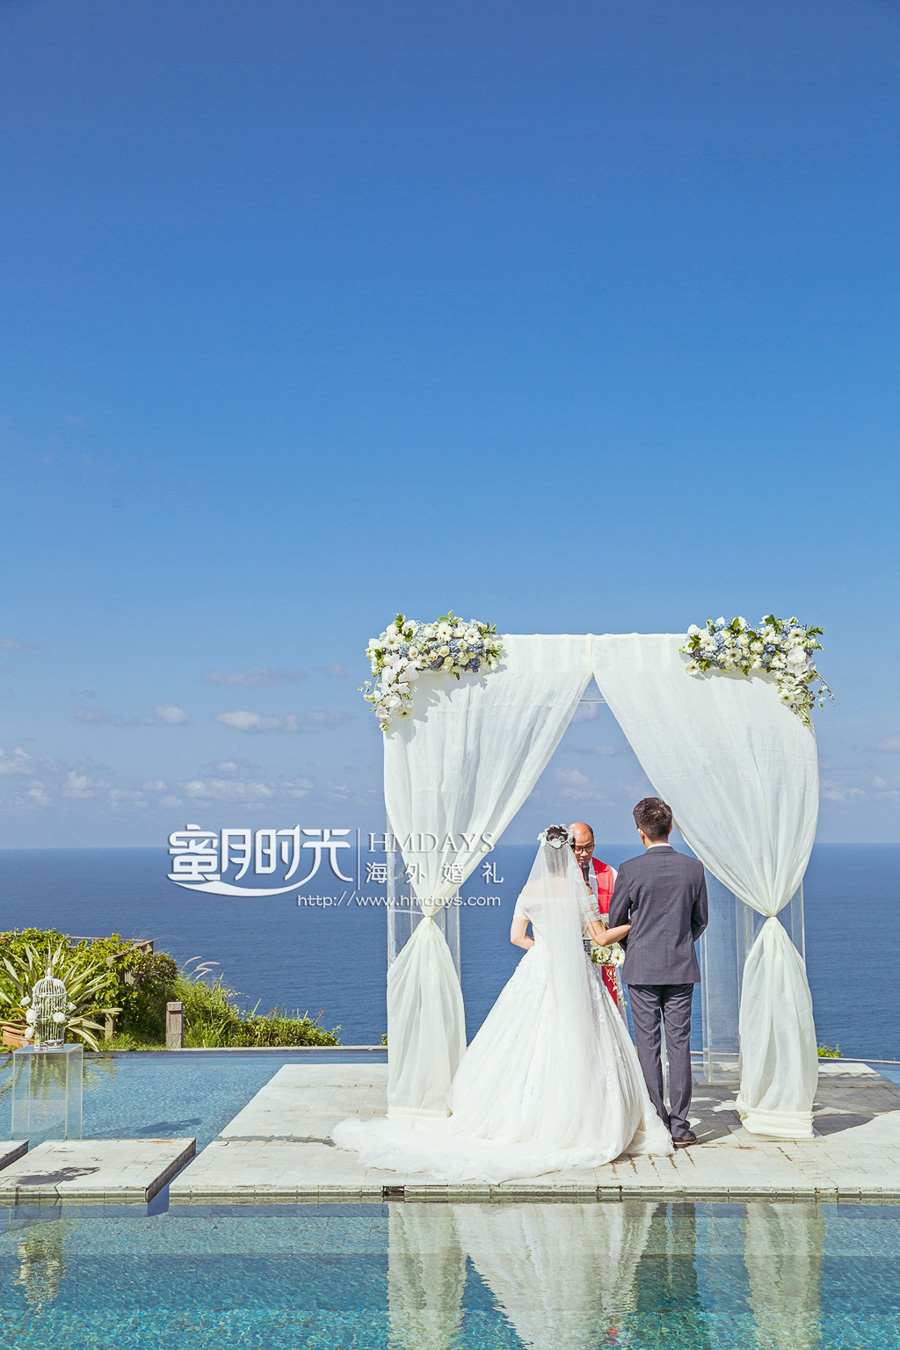 天空之境水台婚礼|海外婚礼|海外婚纱摄影|照片